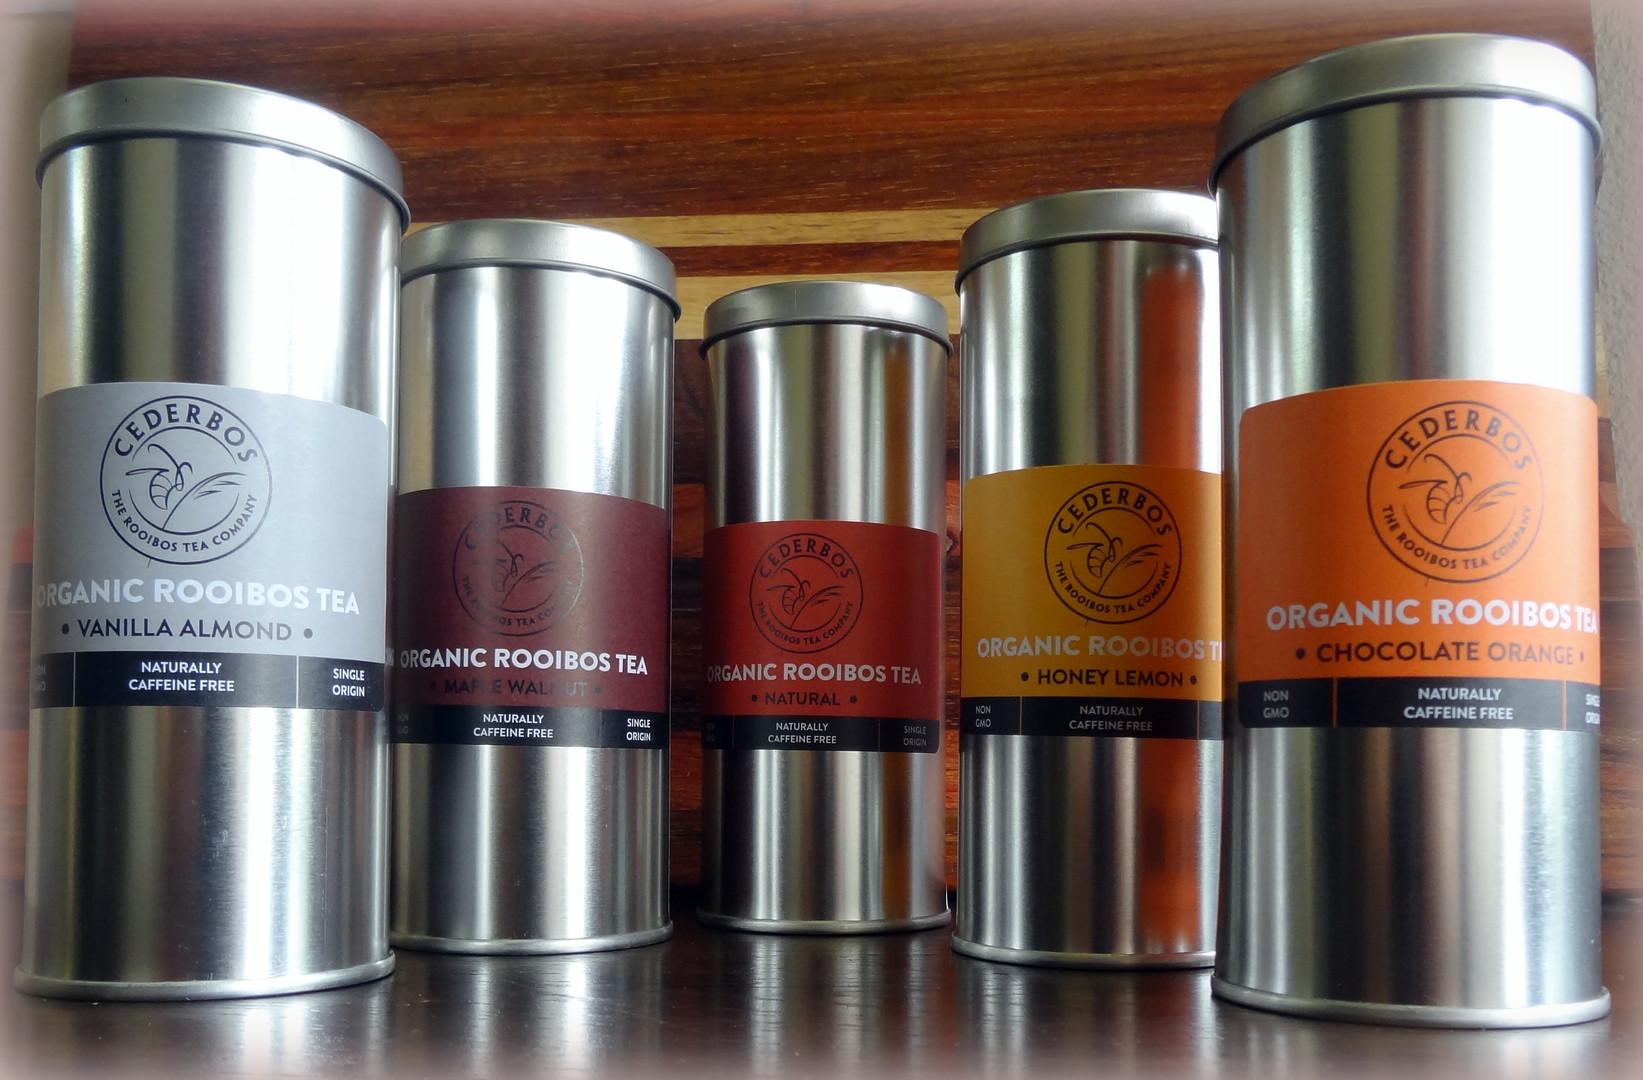 Cederbos Organic Rooibos Tins.JPG